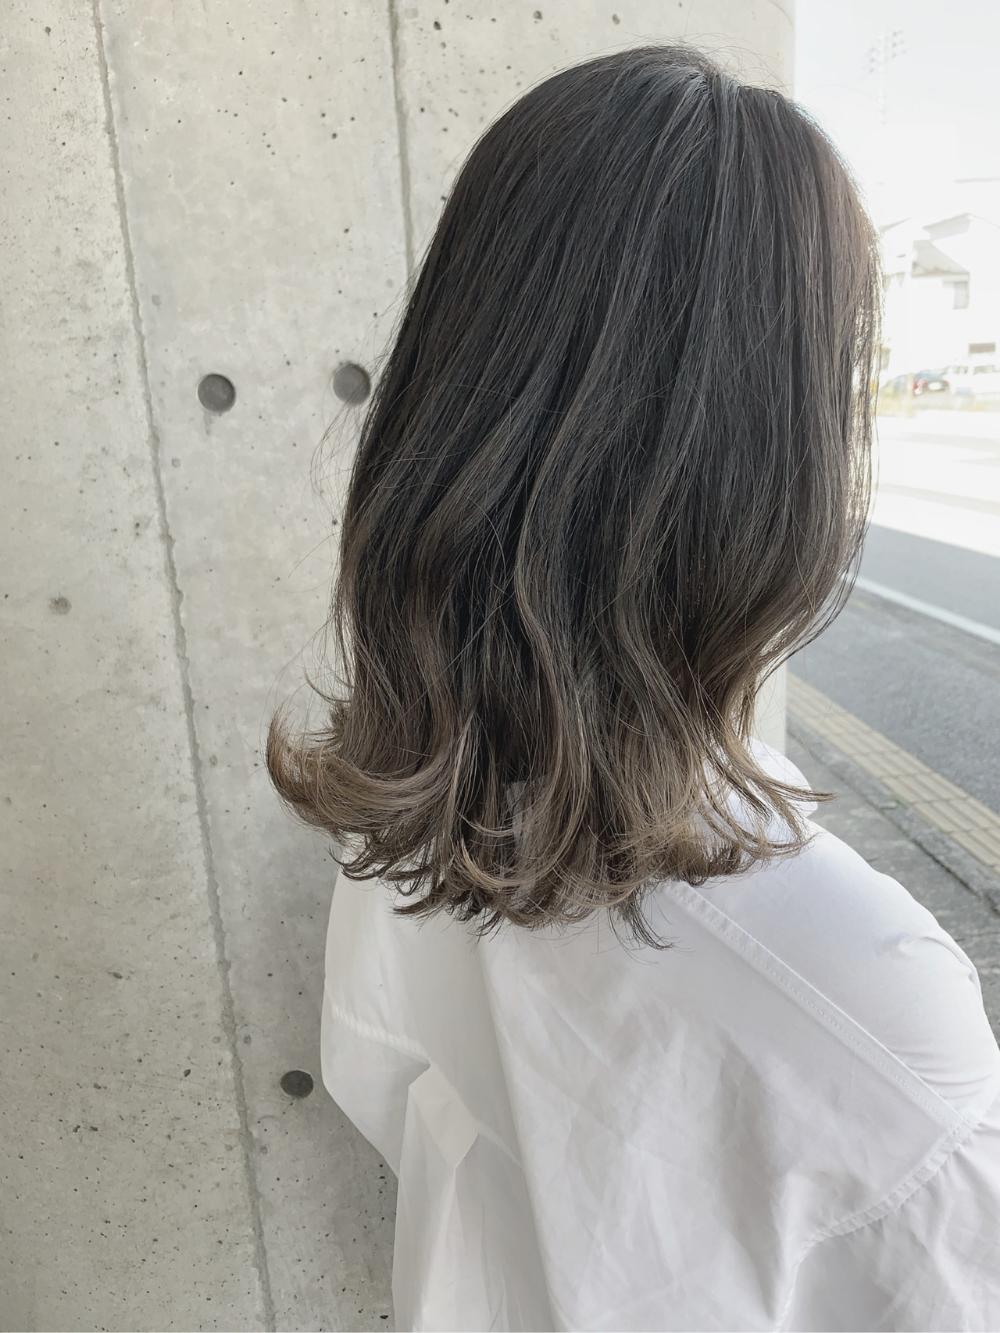 野暮ったい いや 全然 暗めグラデーションカラーヘアカタログ 髪